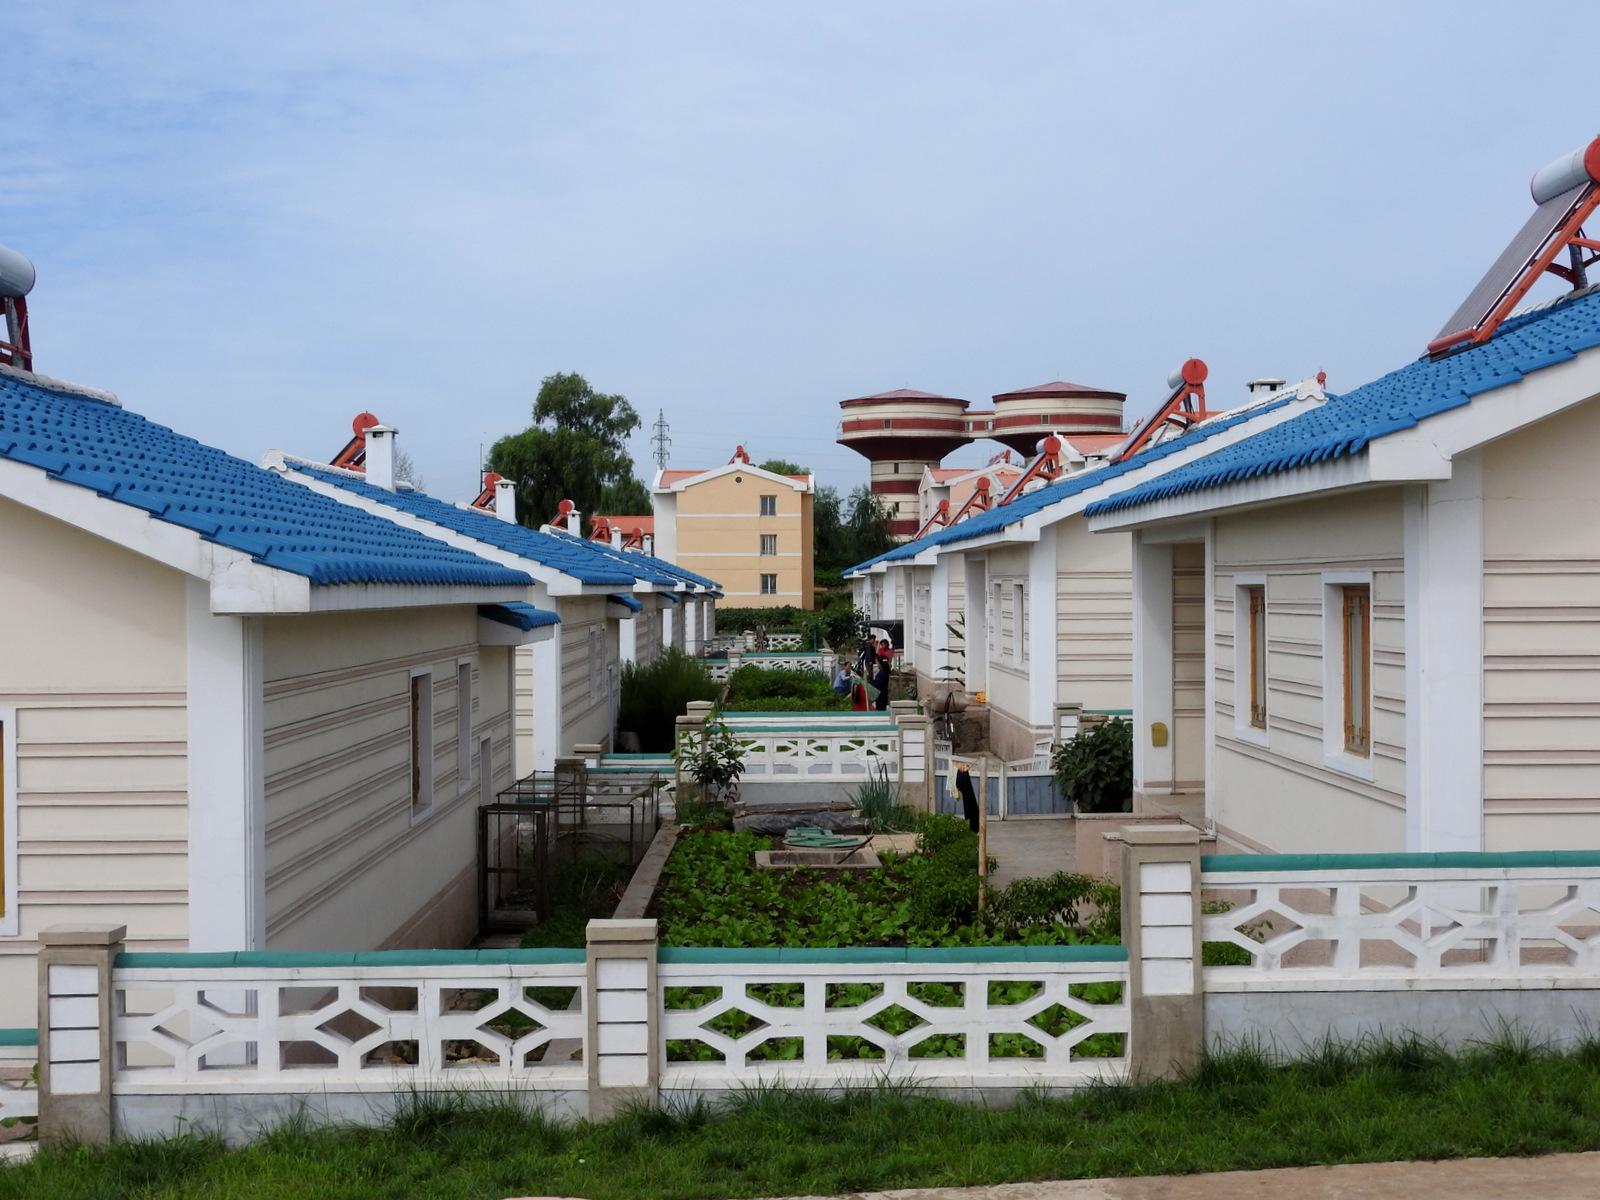 Μικροί κήποι στον αγροτικό συνεταιρισμό Jangchon. Τα σπίτια  είναι πλήρως εξοπλισμένα, με ηλιακούς θερμοσίφωνες  και φυσικό αέριο για τις συσκευές της κουζίνας.